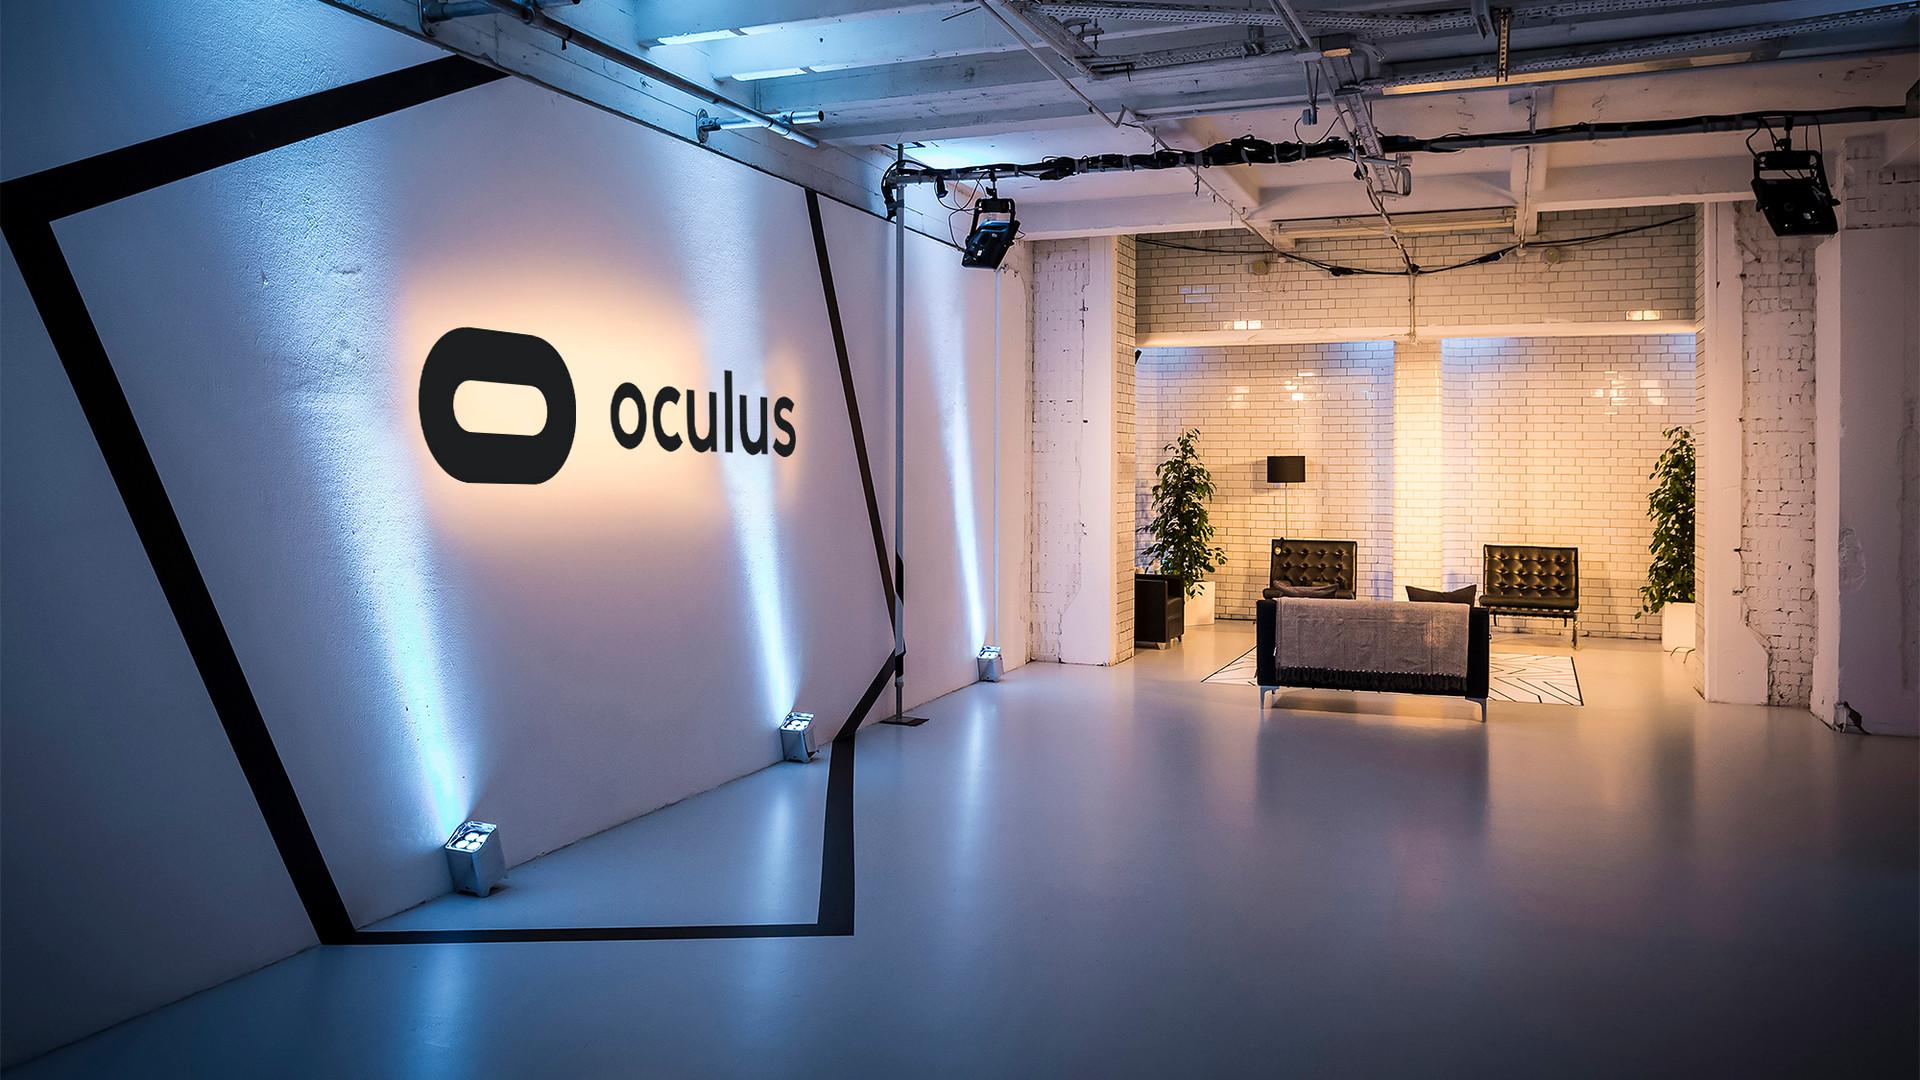 oculus05.jpg